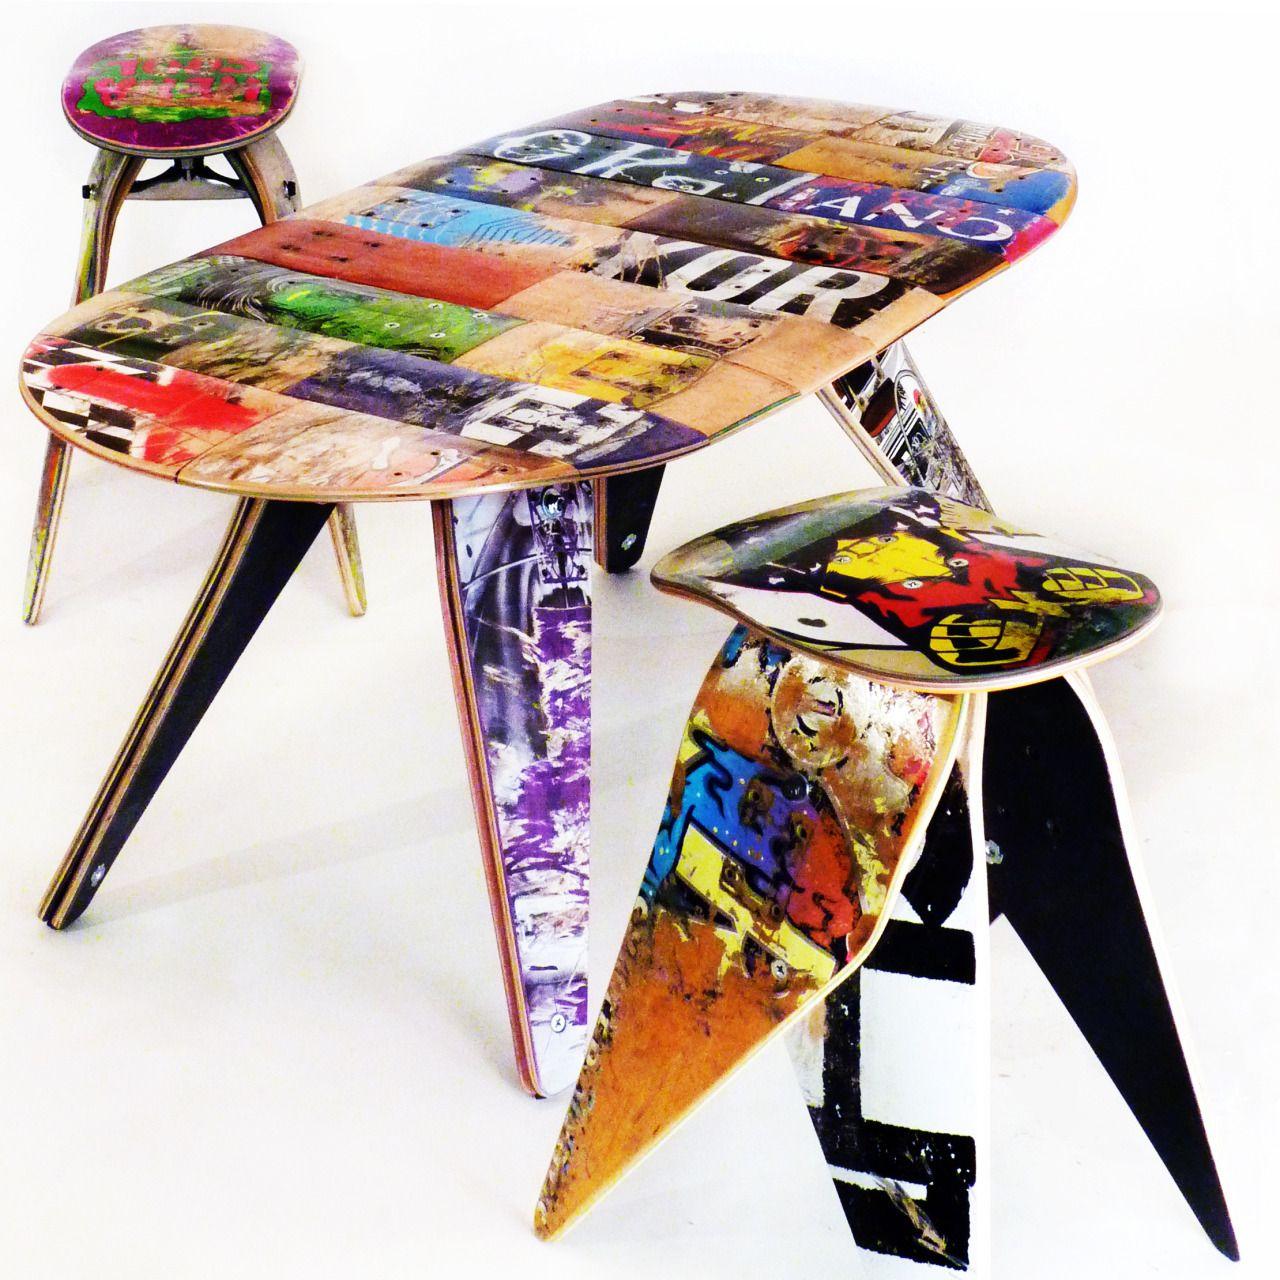 Shapes de skate transformado em mesa e bancos